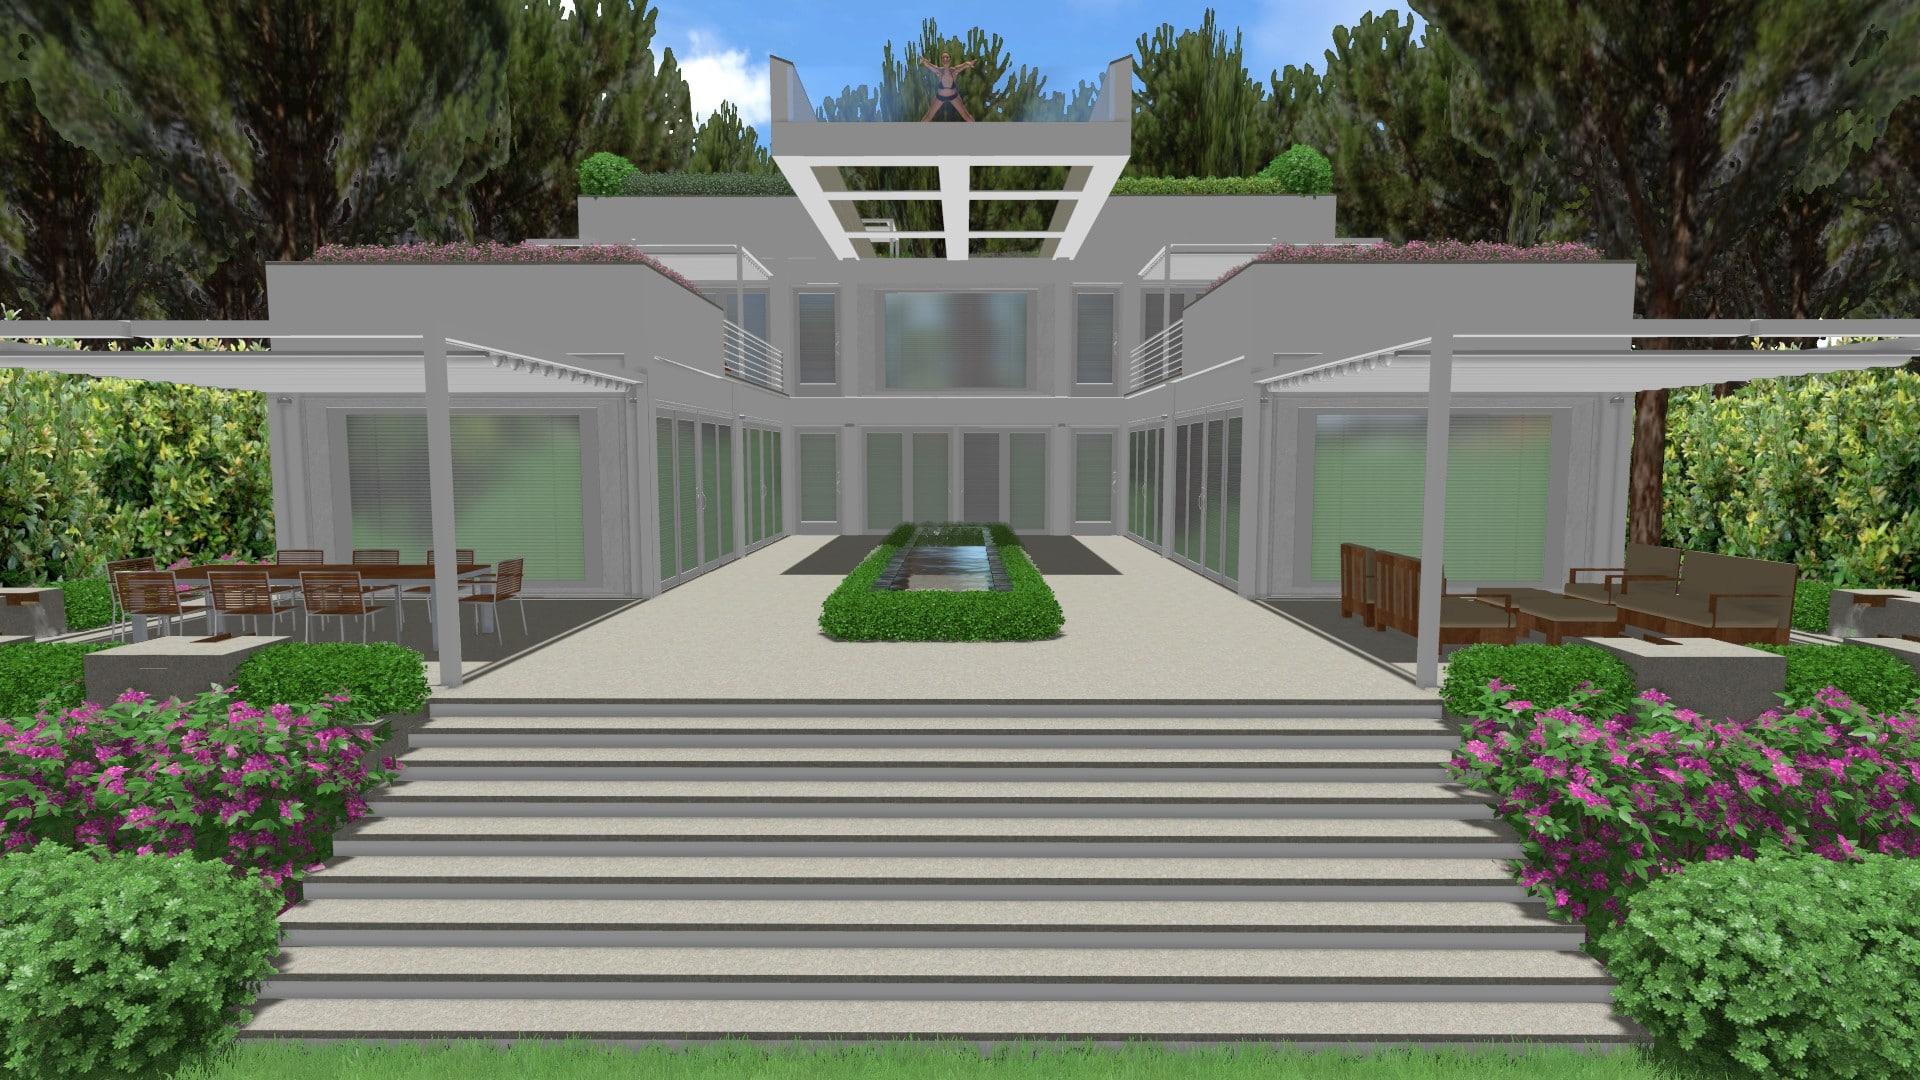 Progettazione di piscina trasparente sulla terrazza - Davide Giorgi ...